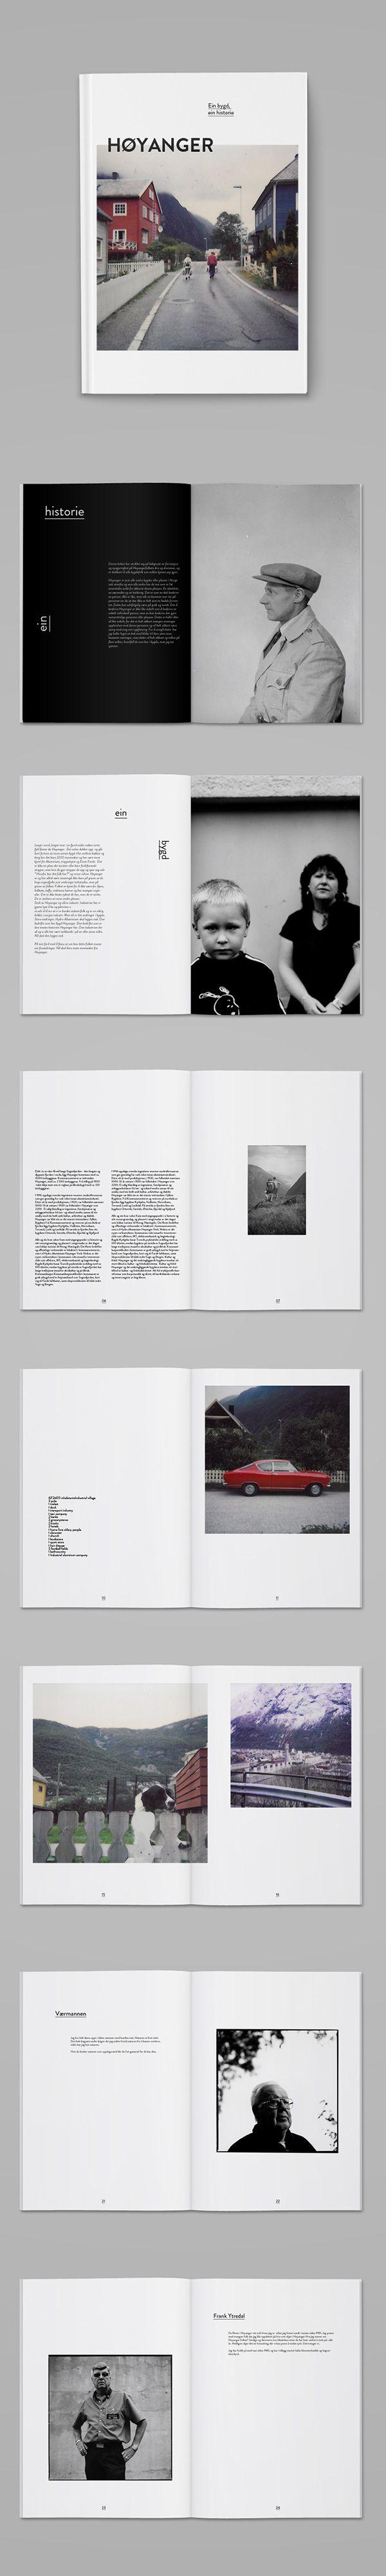 Høyanger on Editorial Design Served